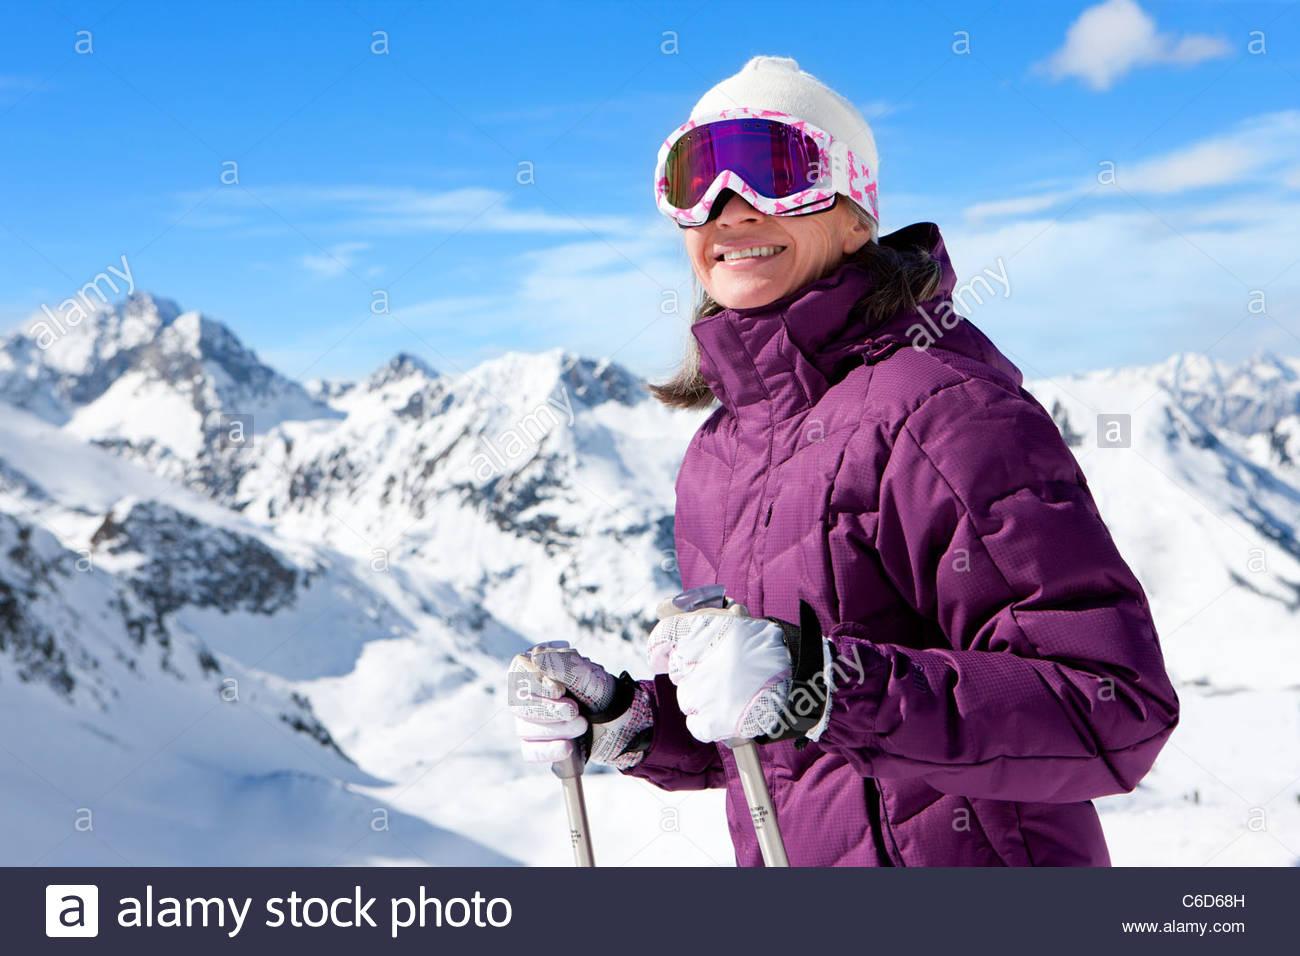 Donna sorridente indossando occhiali da sci e azienda bastoncini da sci sulla montagna innevata Immagini Stock